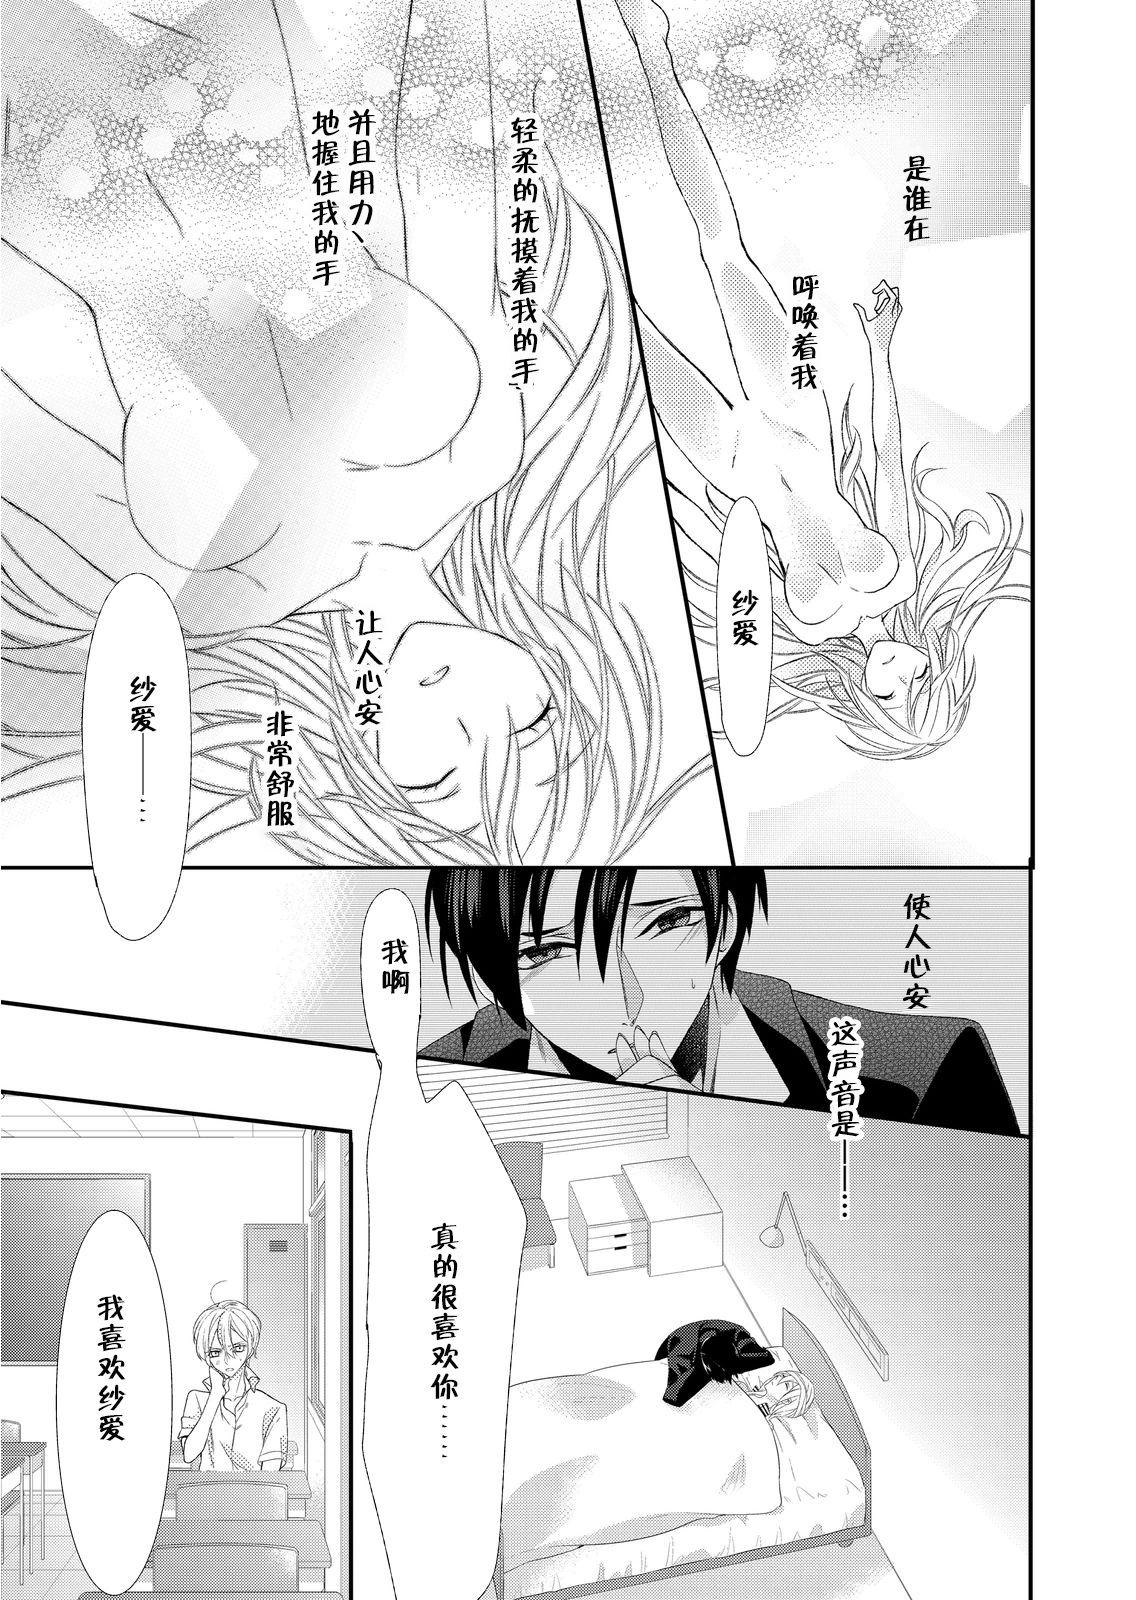 Kioku Sousitsu!? Watashi no Kareshi ha Docchi? Karada de Tameshite・・・ | 失忆!?我的男朋友到底是谁?用身体来确认…Ch. 1-2 15